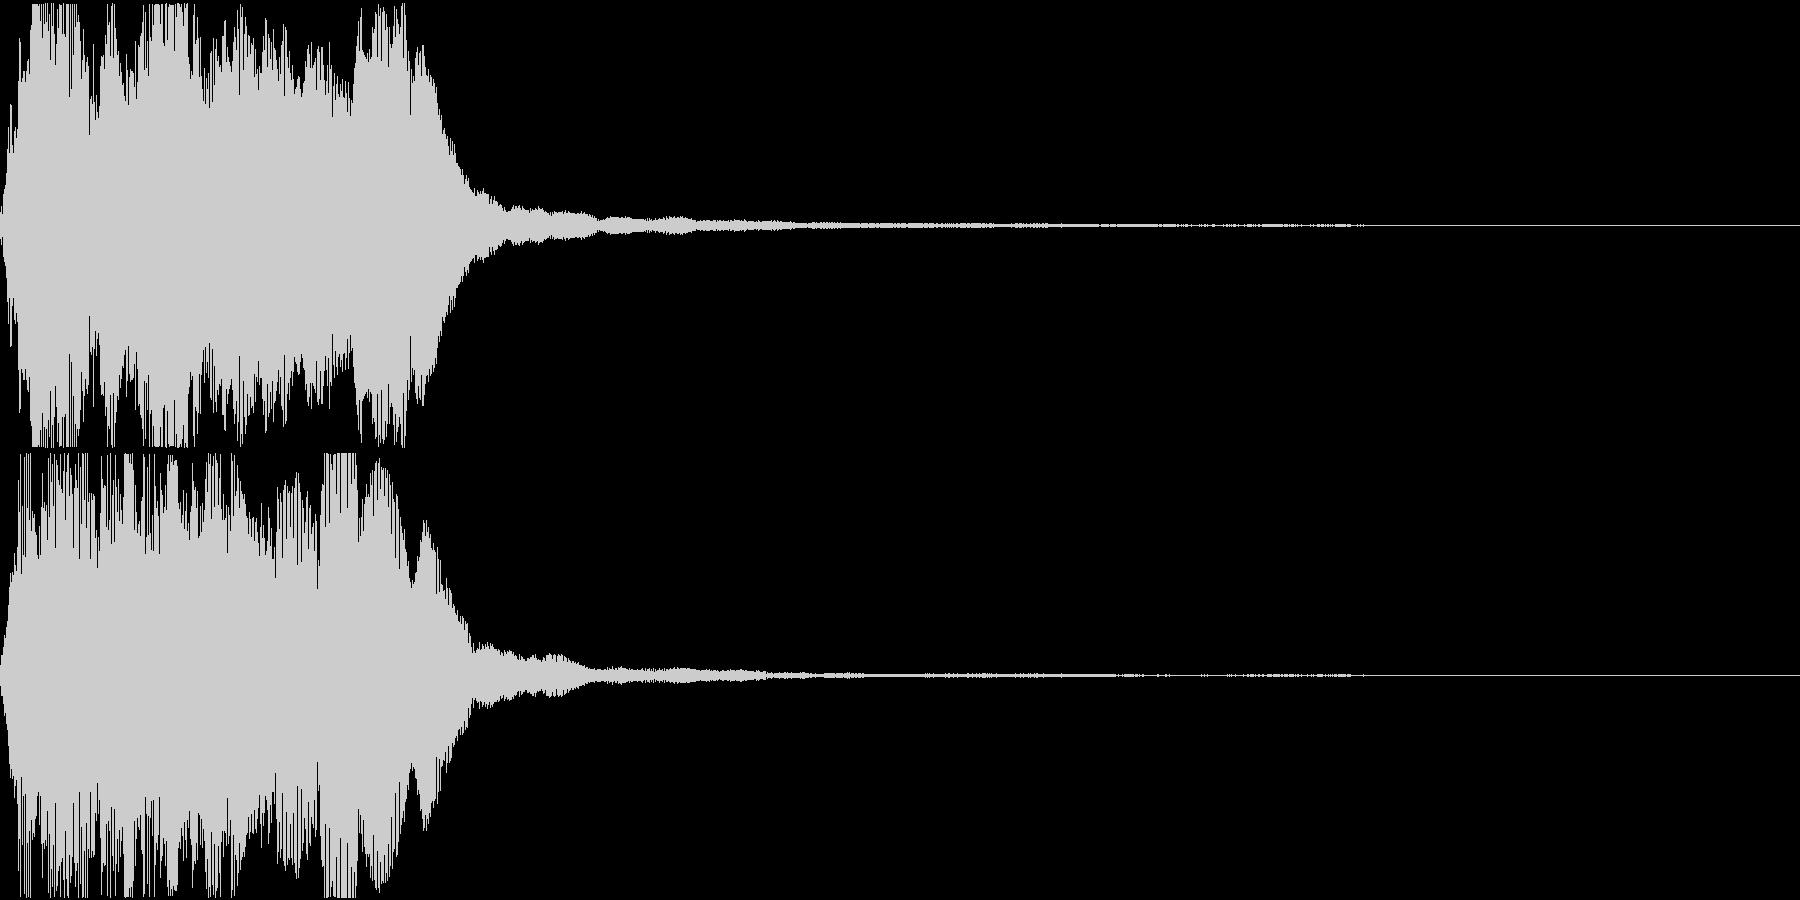 ラッパ ファンファーレ 定番 2の未再生の波形